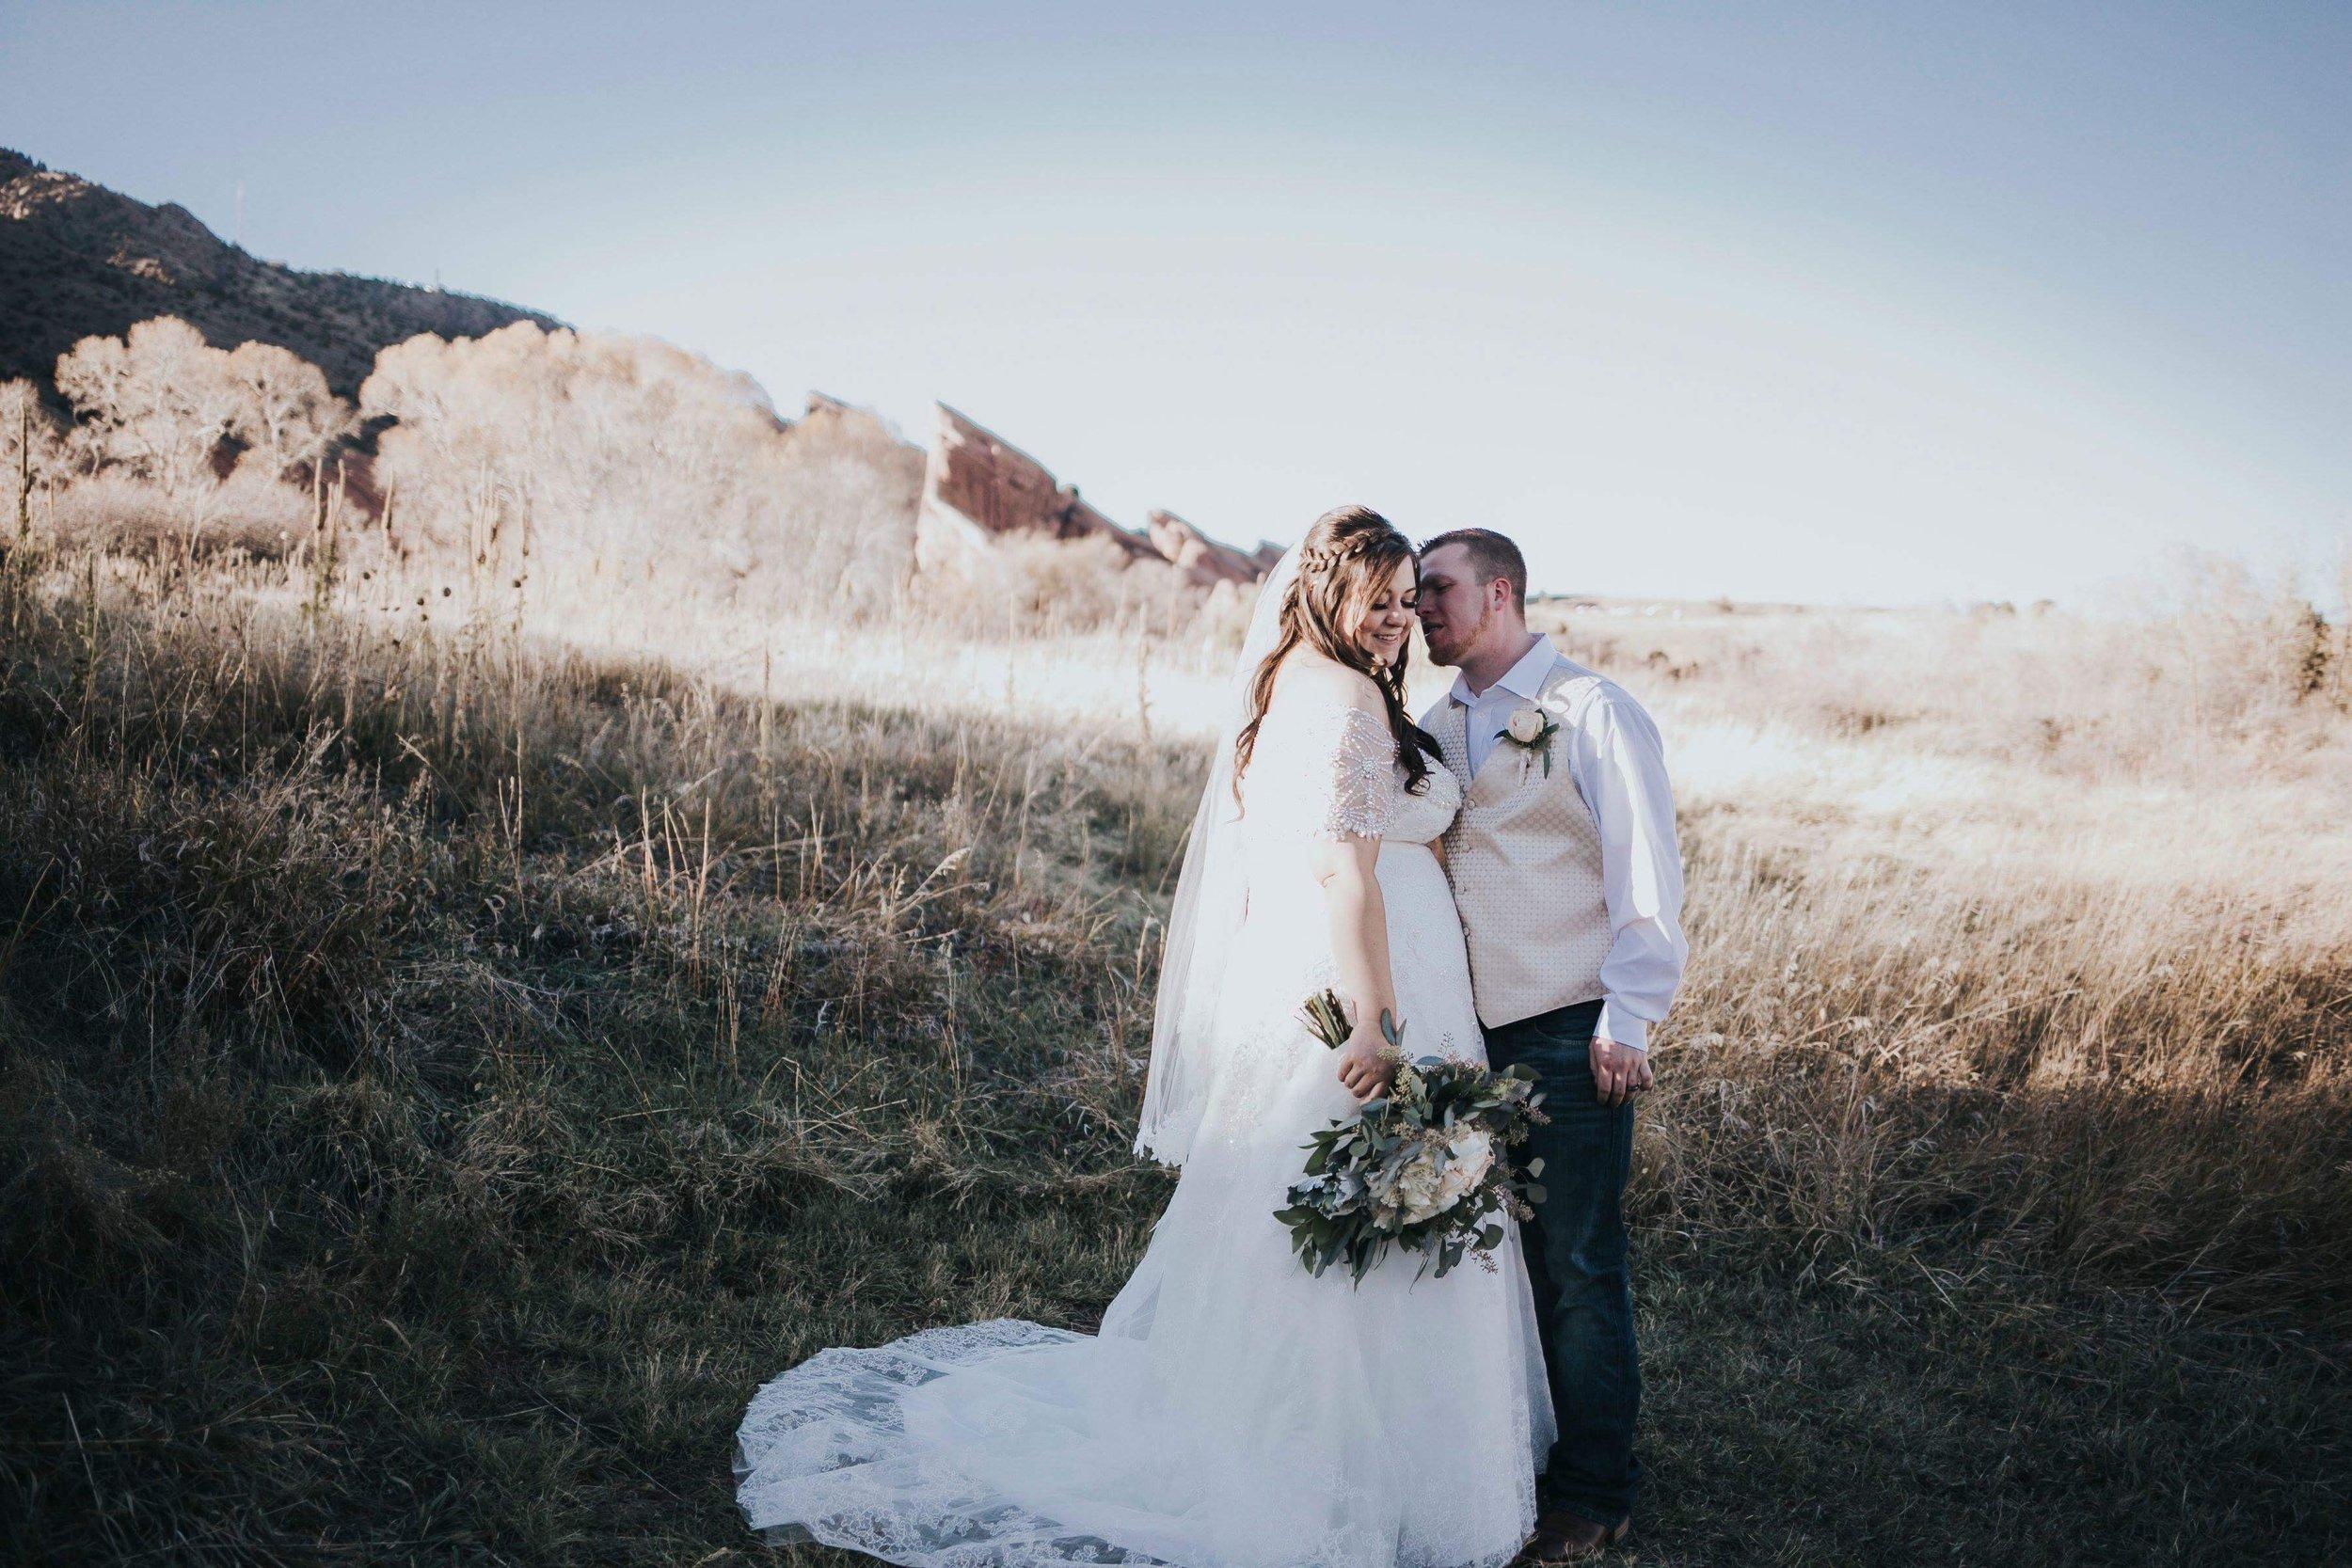 Denver-wedding-hairstylist-hair-bride